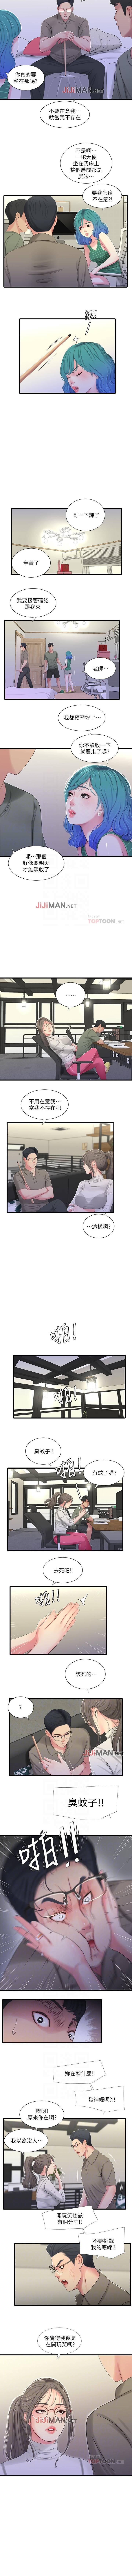 【周四连载】亲家四姐妹(作者:愛摸) 第1~31话 150